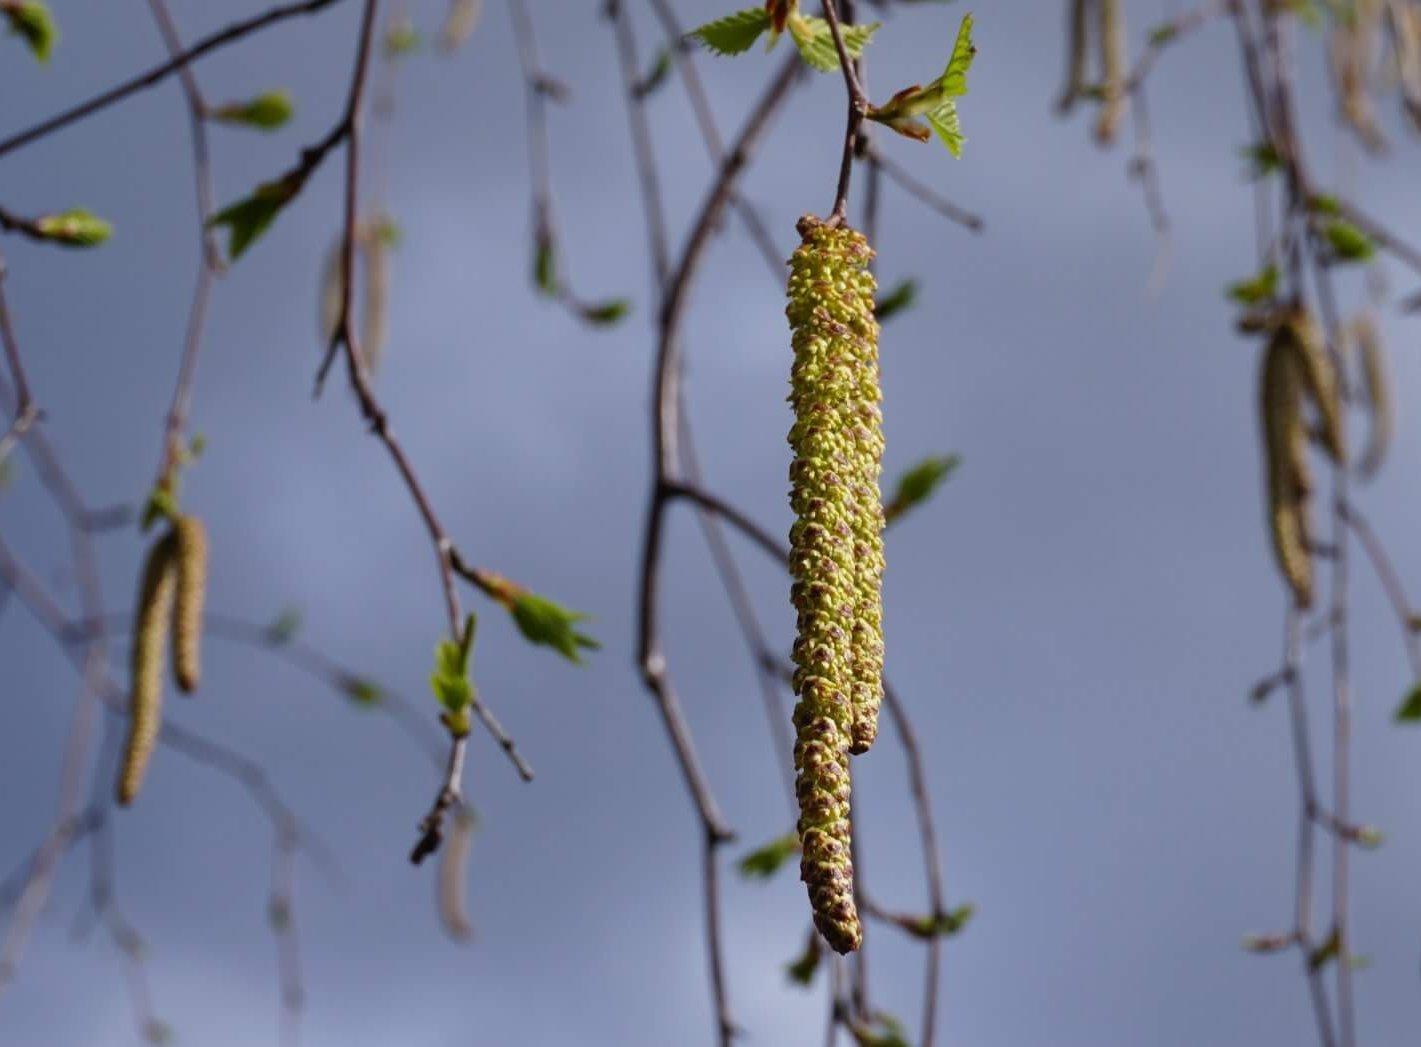 Das Bild zeigt die paarig angeordneten, hängenden männlichen Blütenkätzchen einer Birke im Müggelwald.